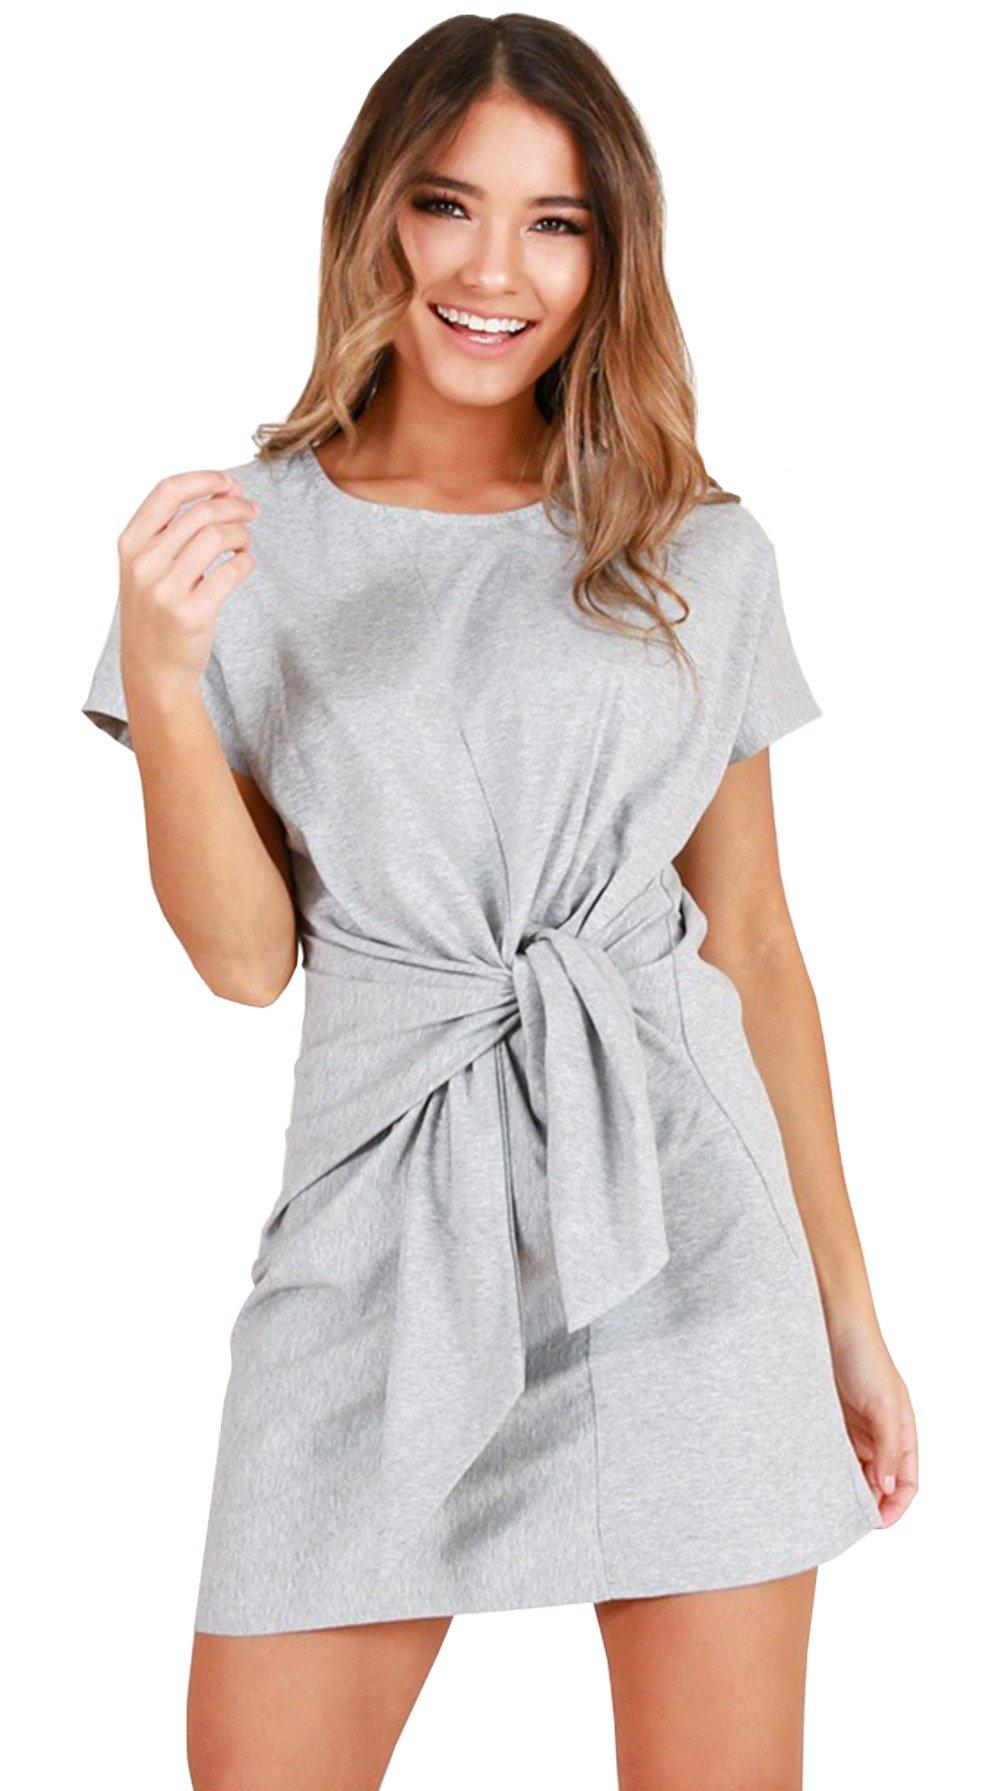 Longwu Women's Bandage Elegant Short Sleeve Wear to Work Casual Pencil Dress Grey-L